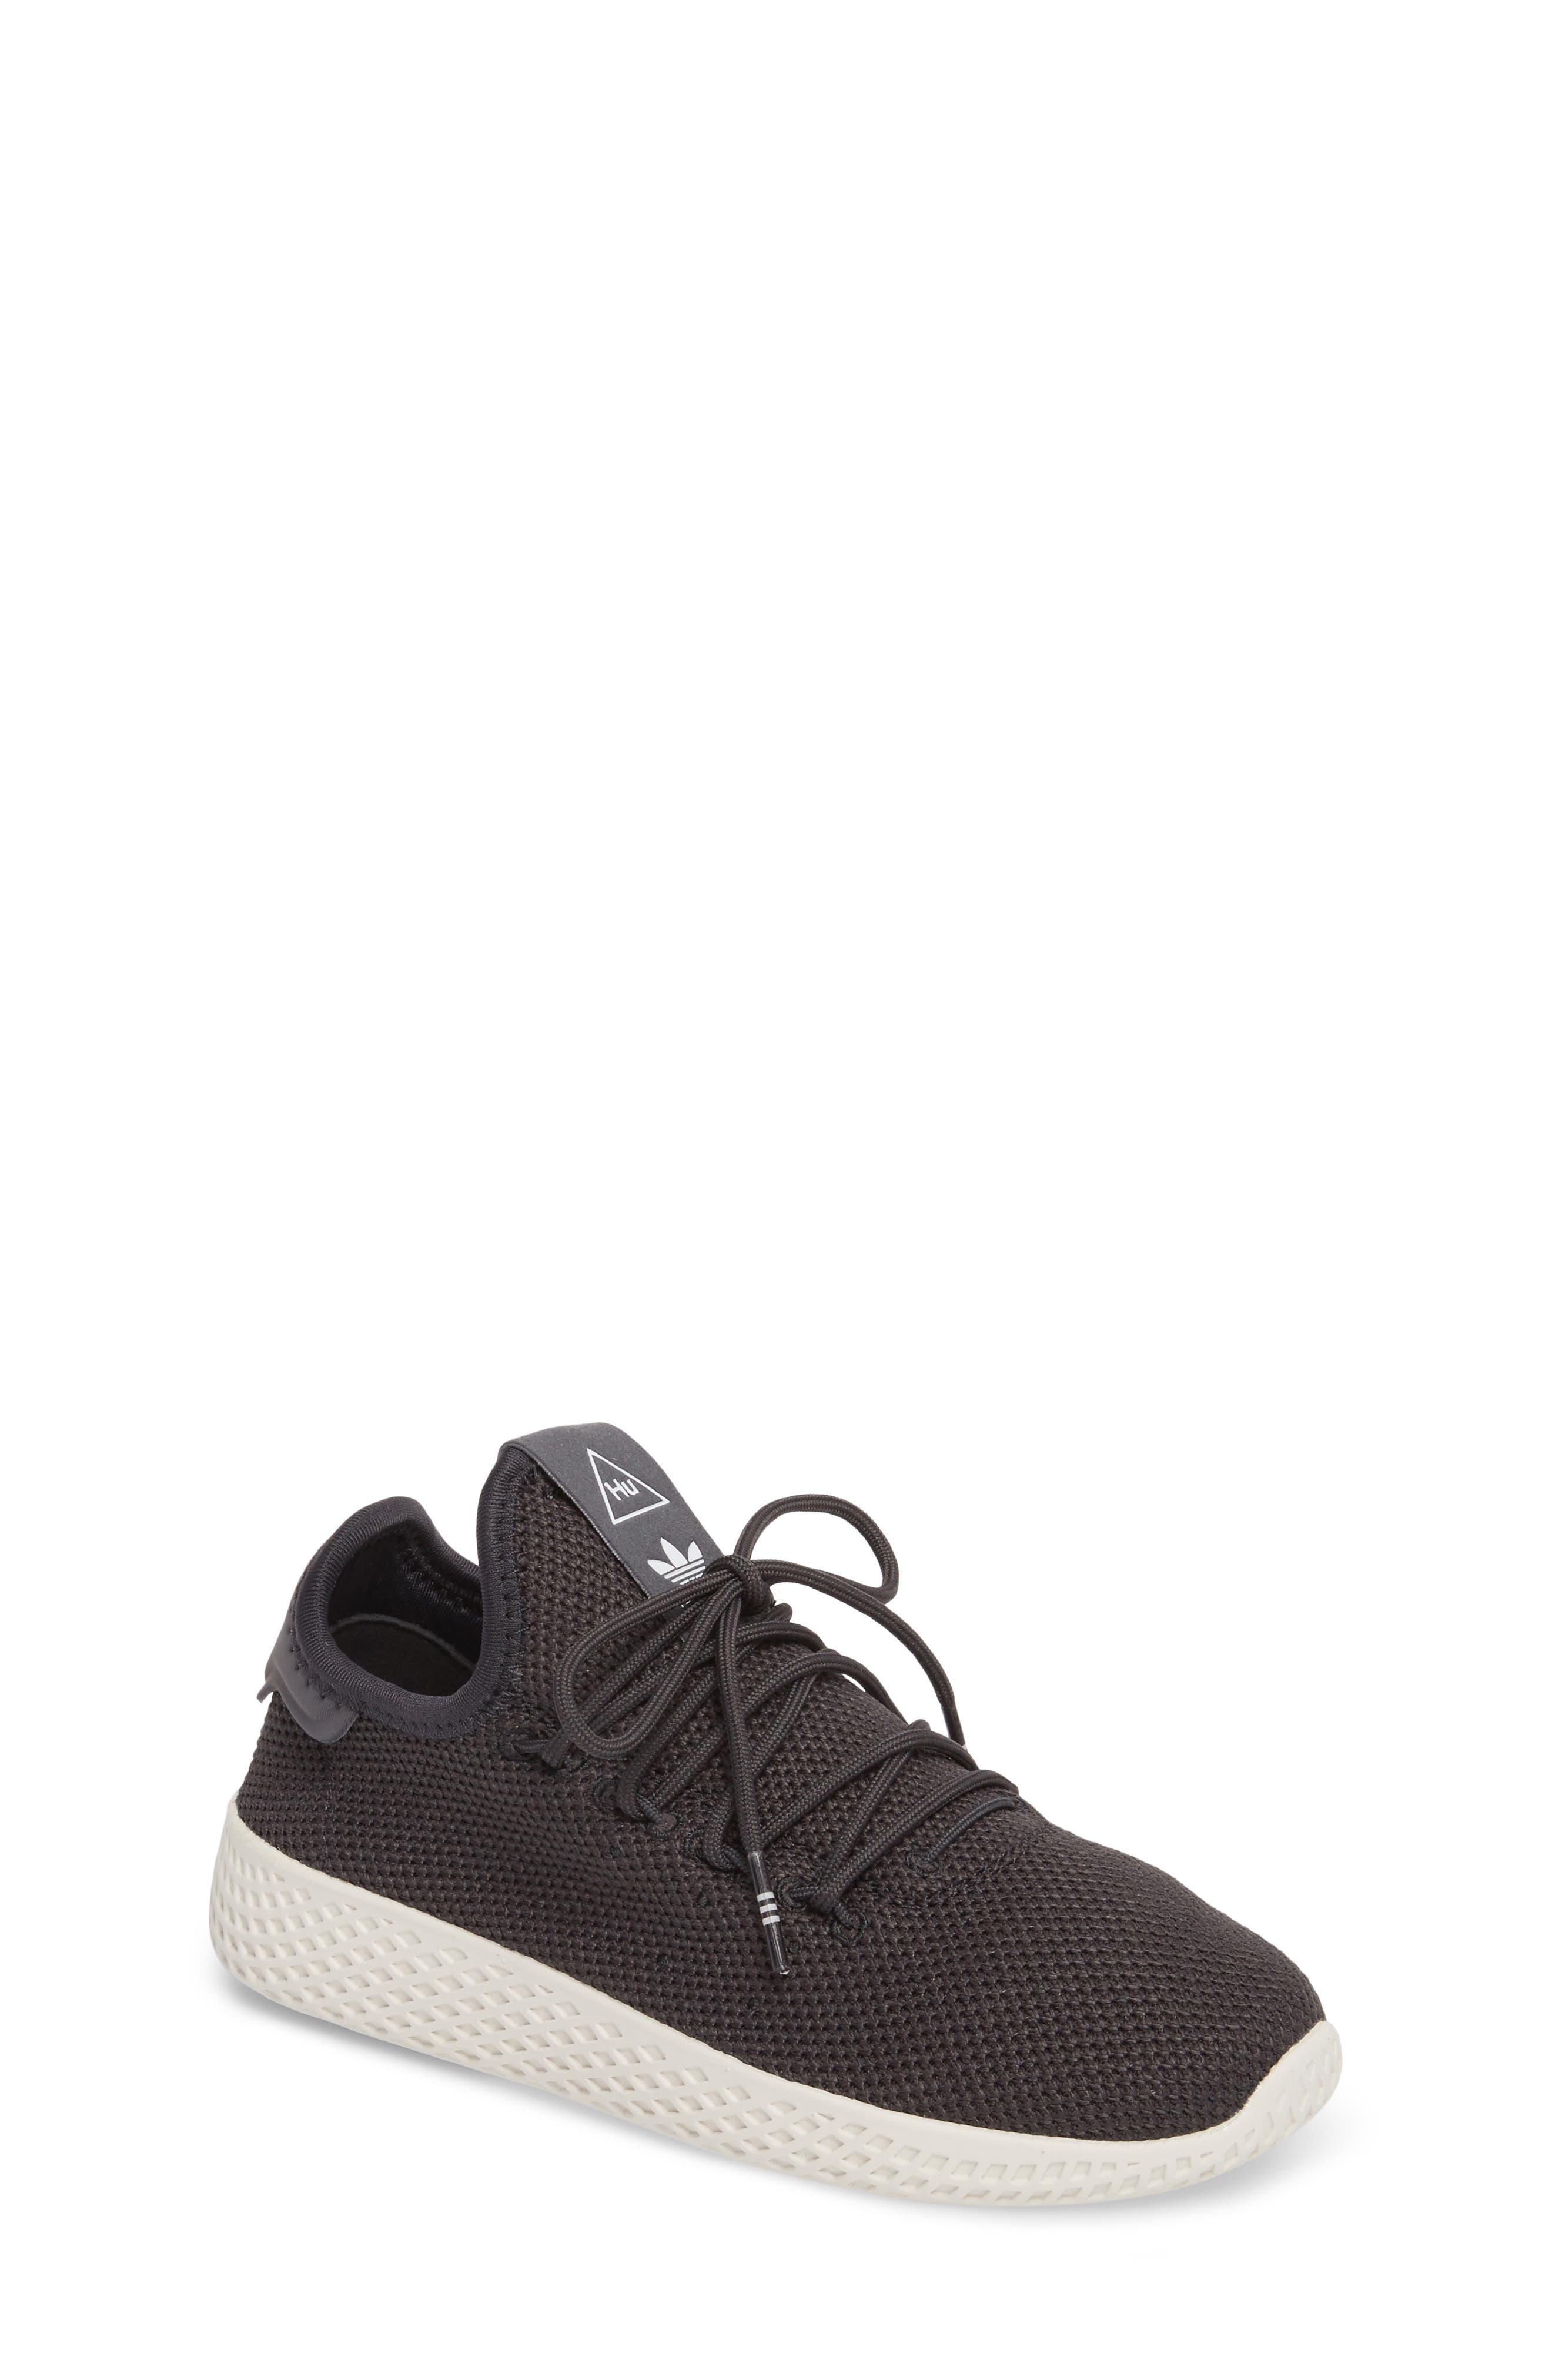 Pharrell Williams Tennis Hu Sock Sneaker,                             Main thumbnail 1, color,                             020